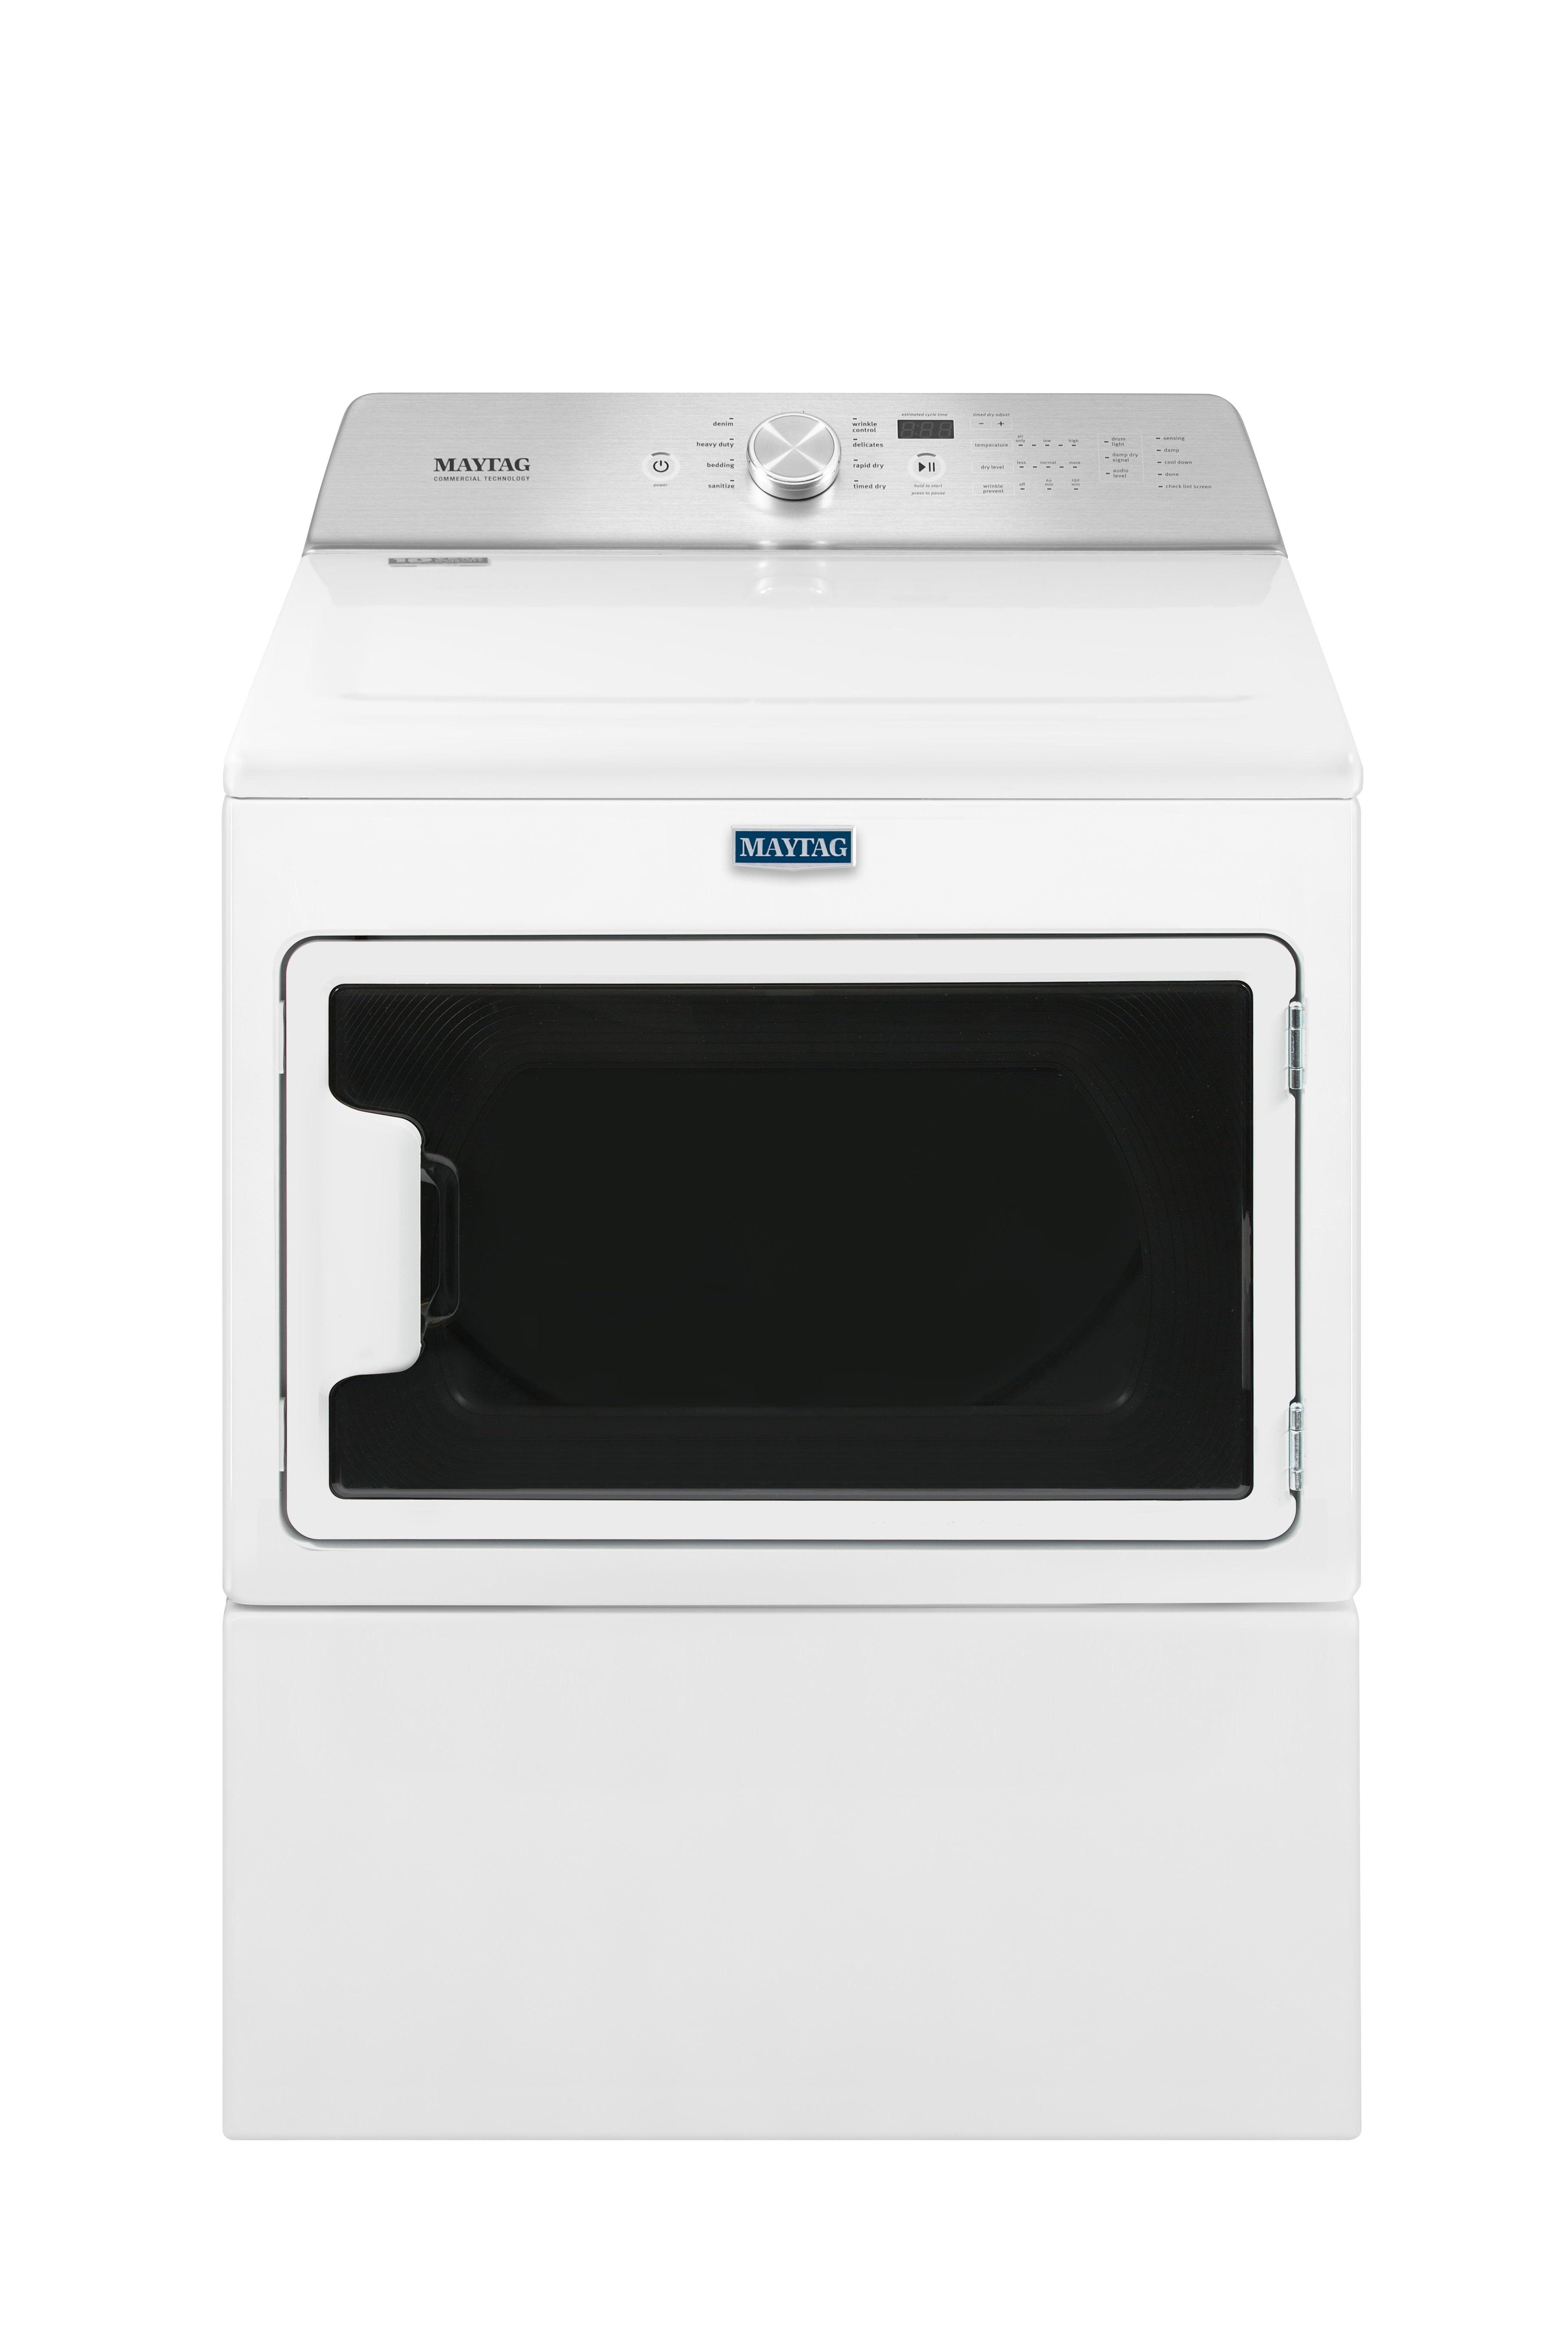 Maytag White Electric Dryer (7.4 Cu. Ft.) - YMEDB765FW